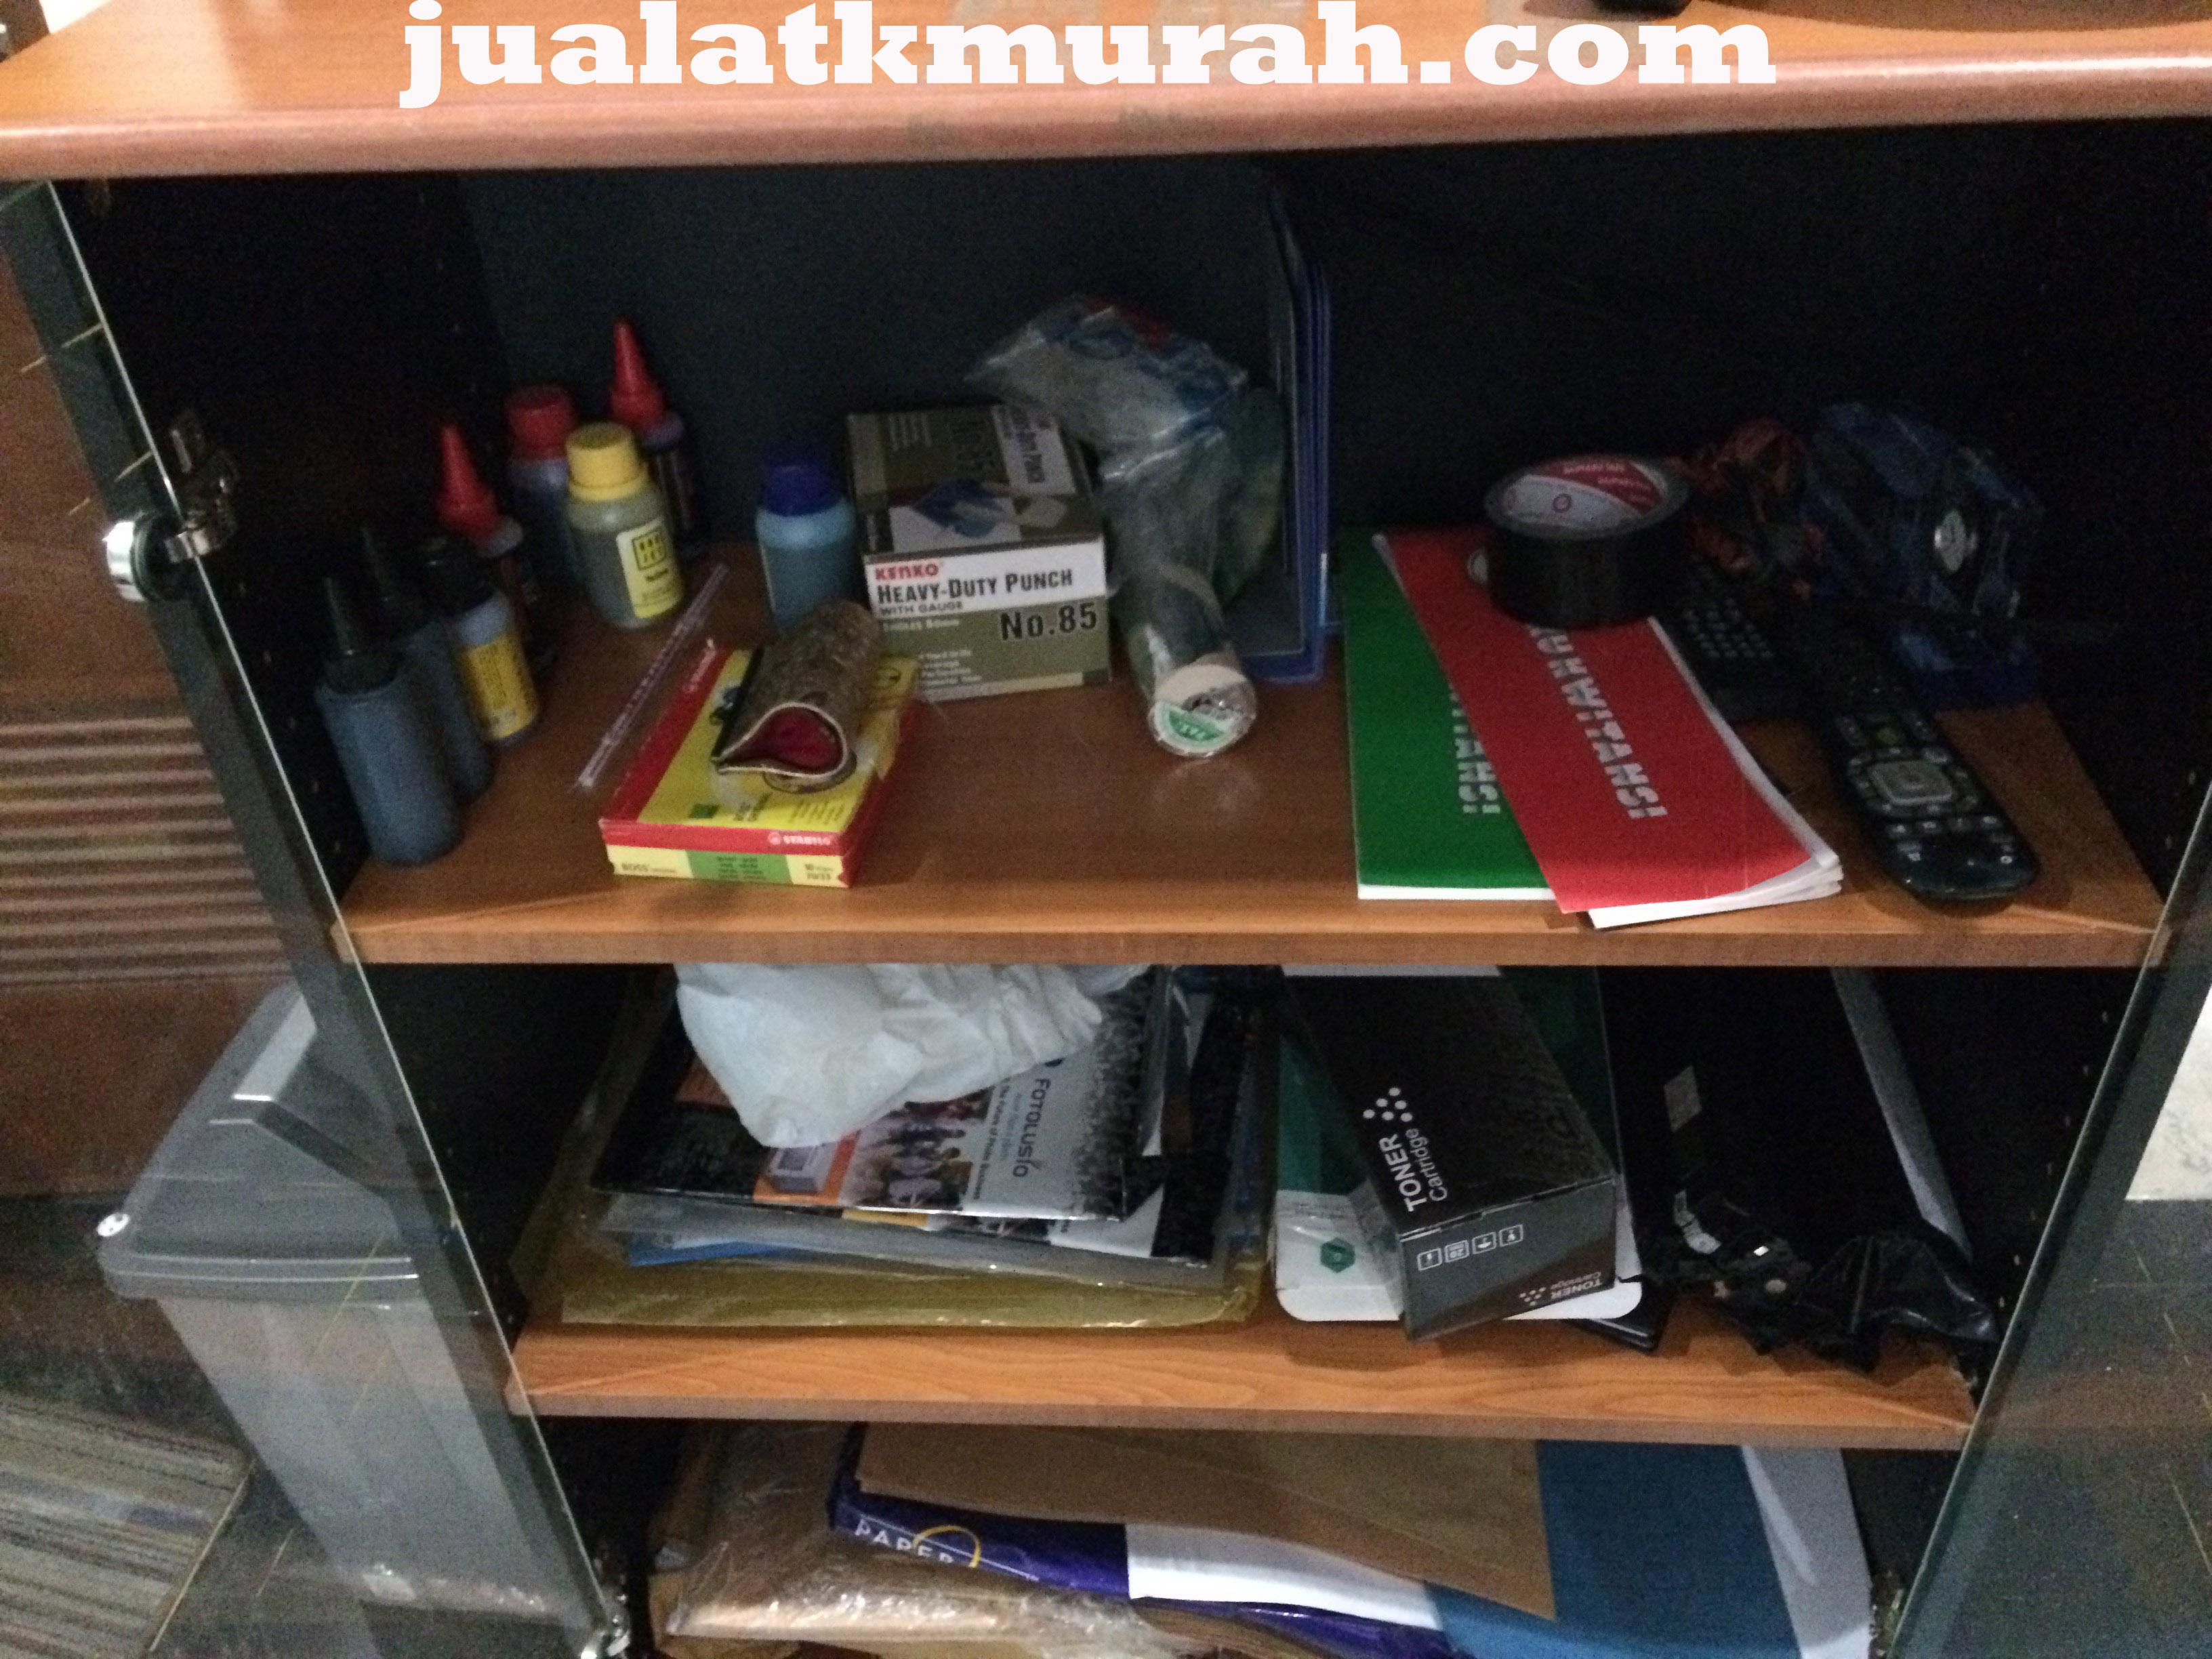 Jual ATK Murah di Pal Batu Jakarta Selatan